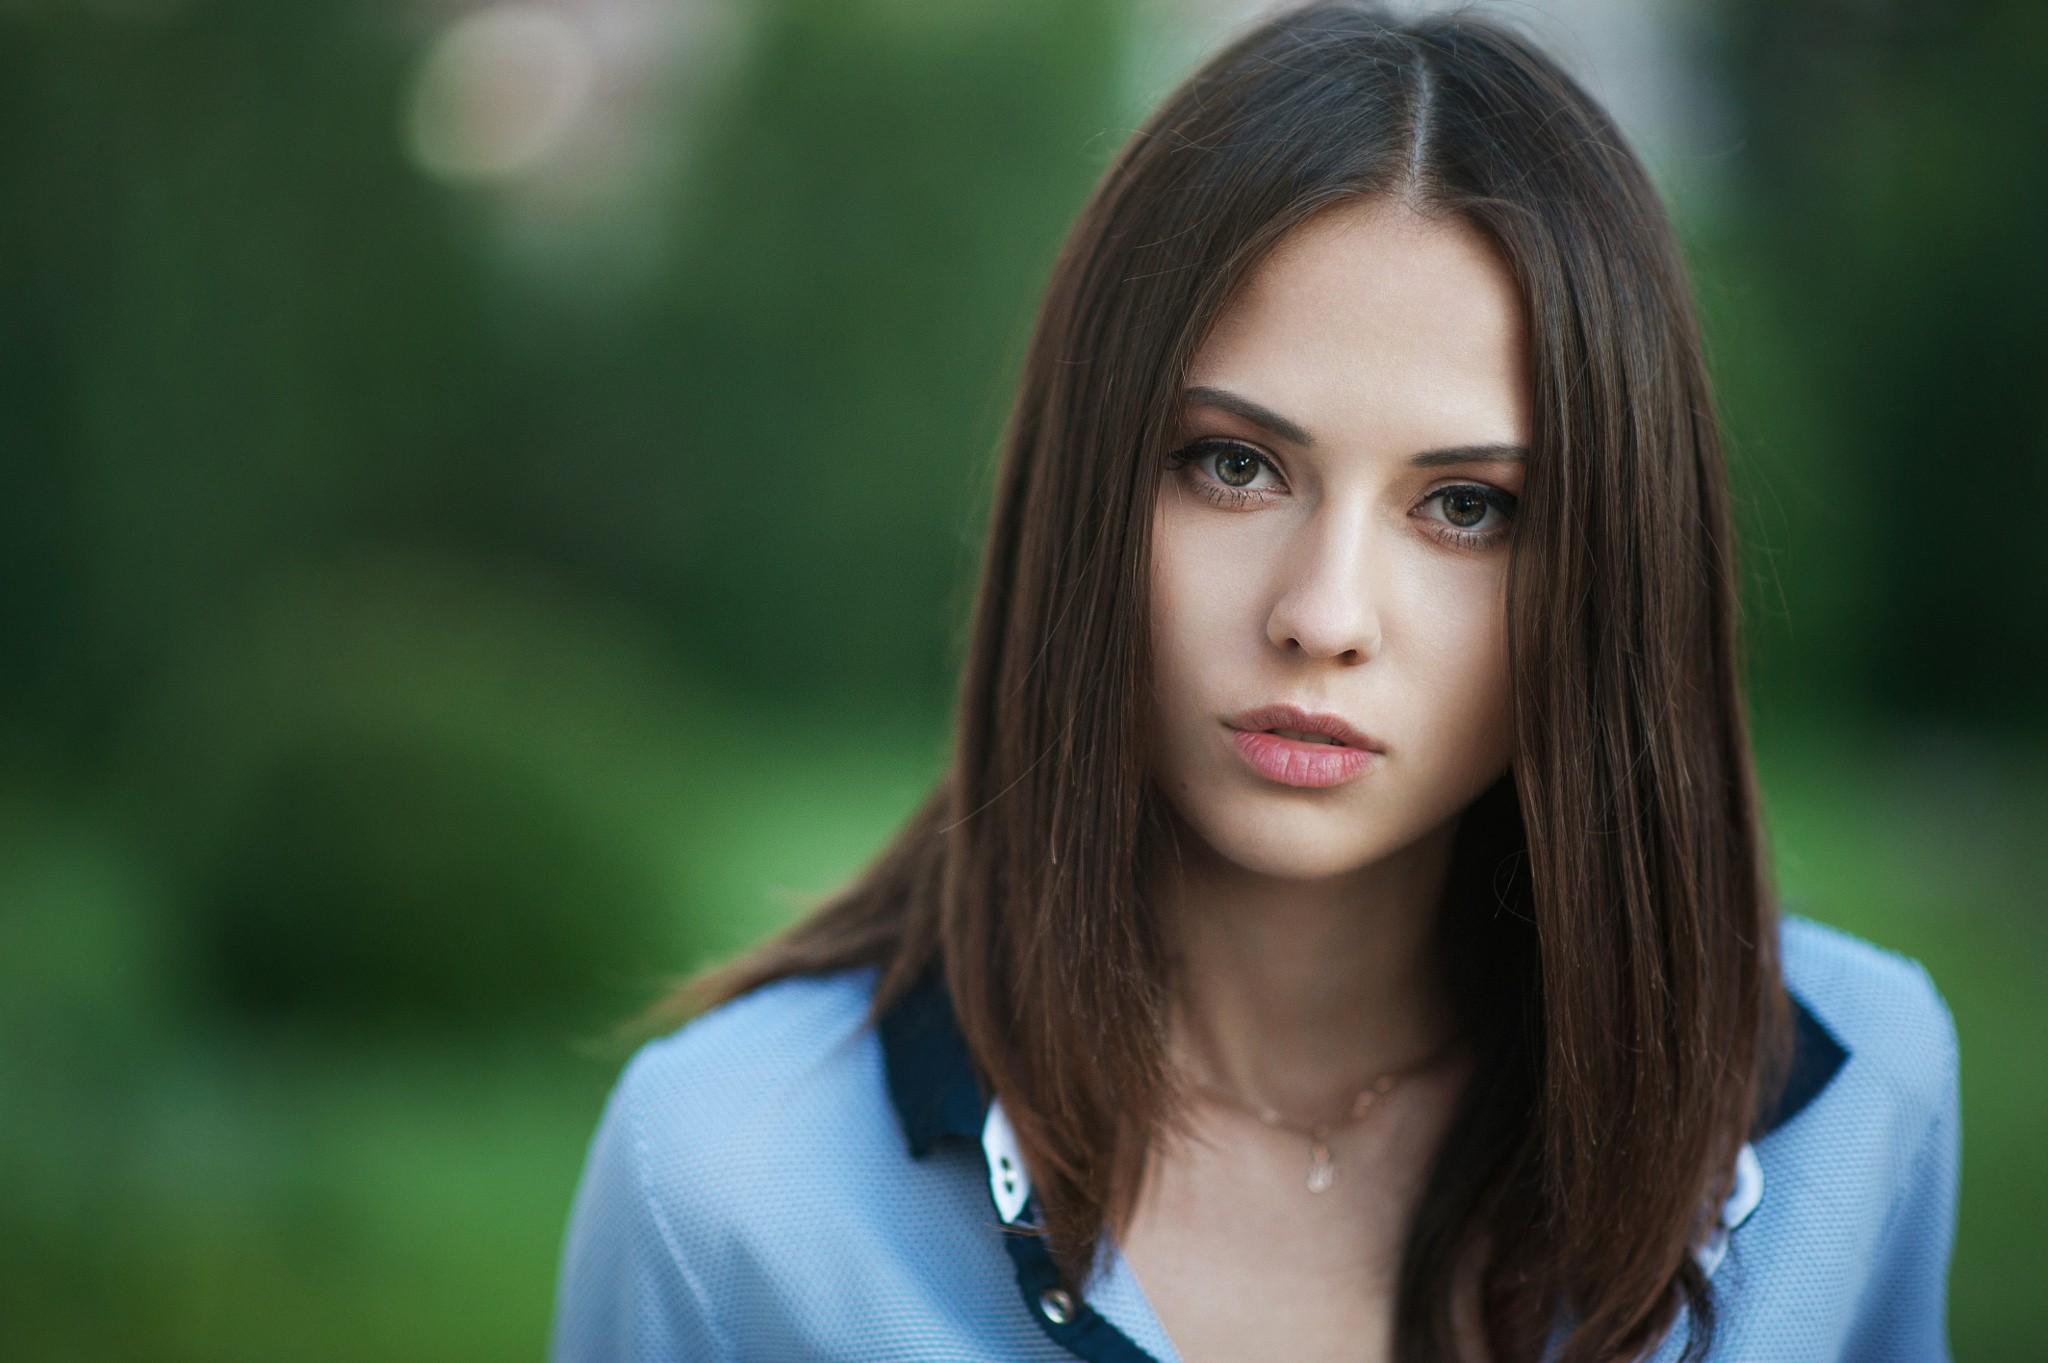 фотосессии девушек россия - 10